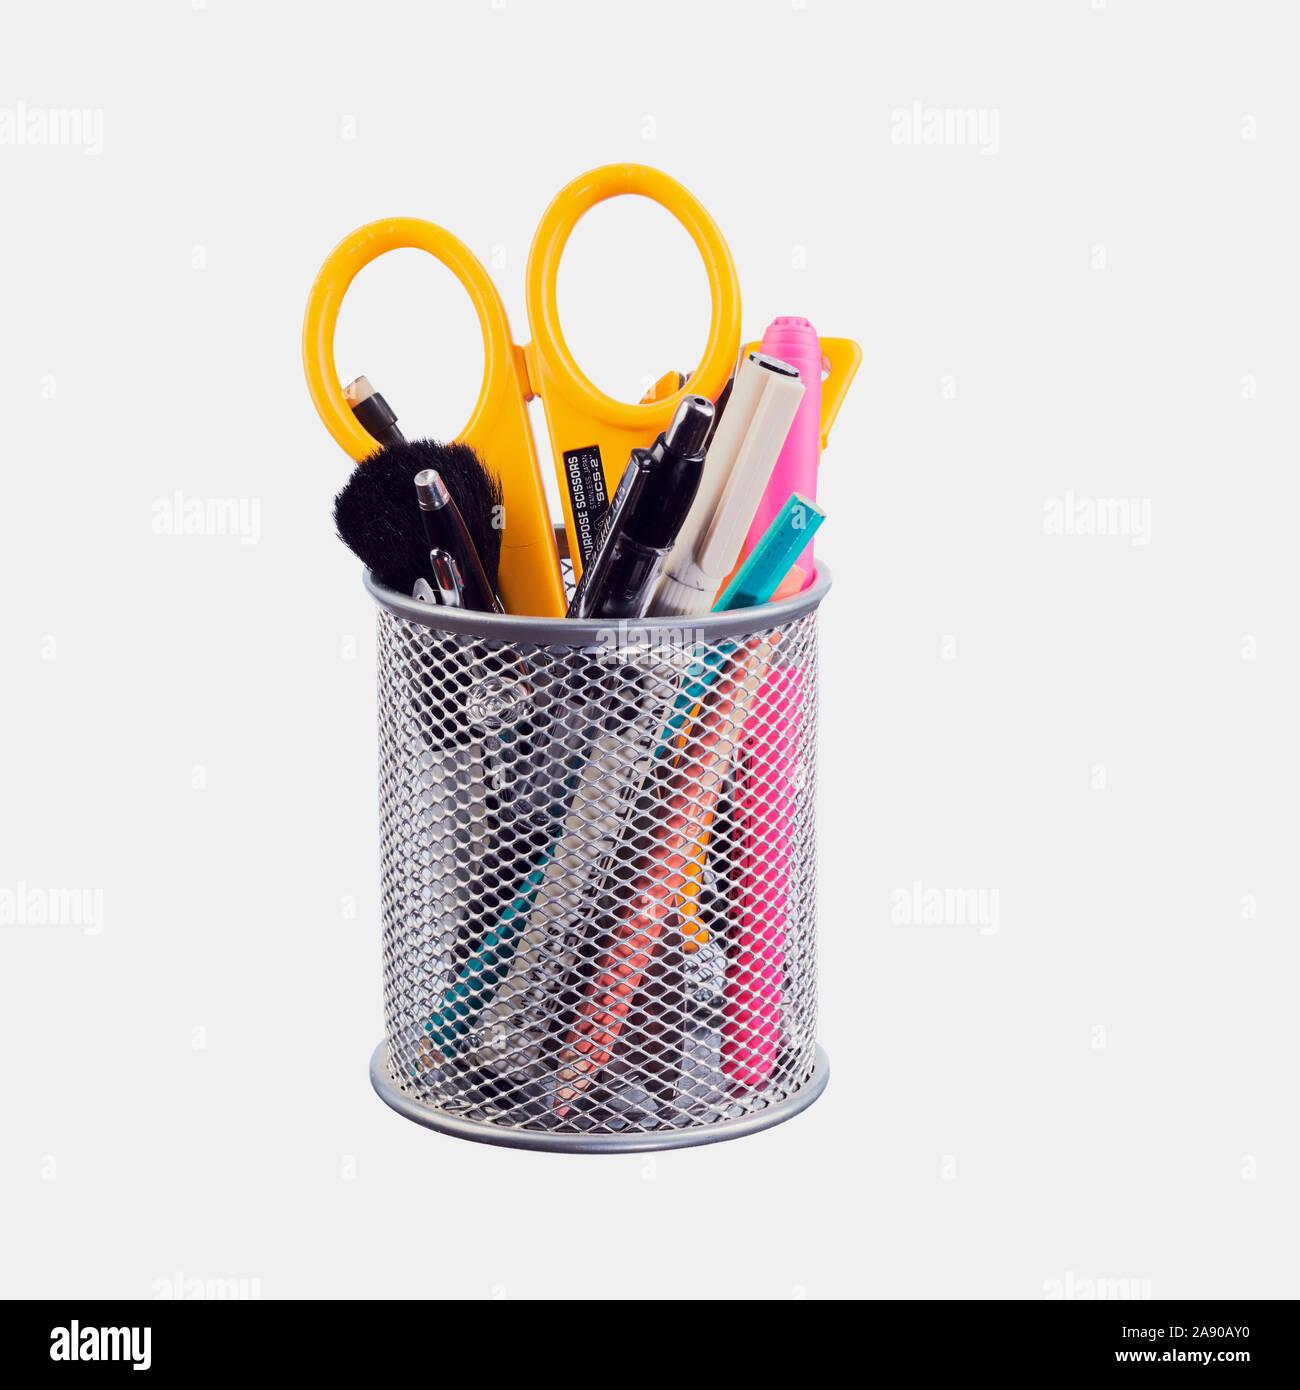 WeiMay Penna piuma Penna stilografica Penna per scrivere Penna piuma dinchiostro calligrafia 16 diversi pennini Uso personale di lettere scritte Grigio